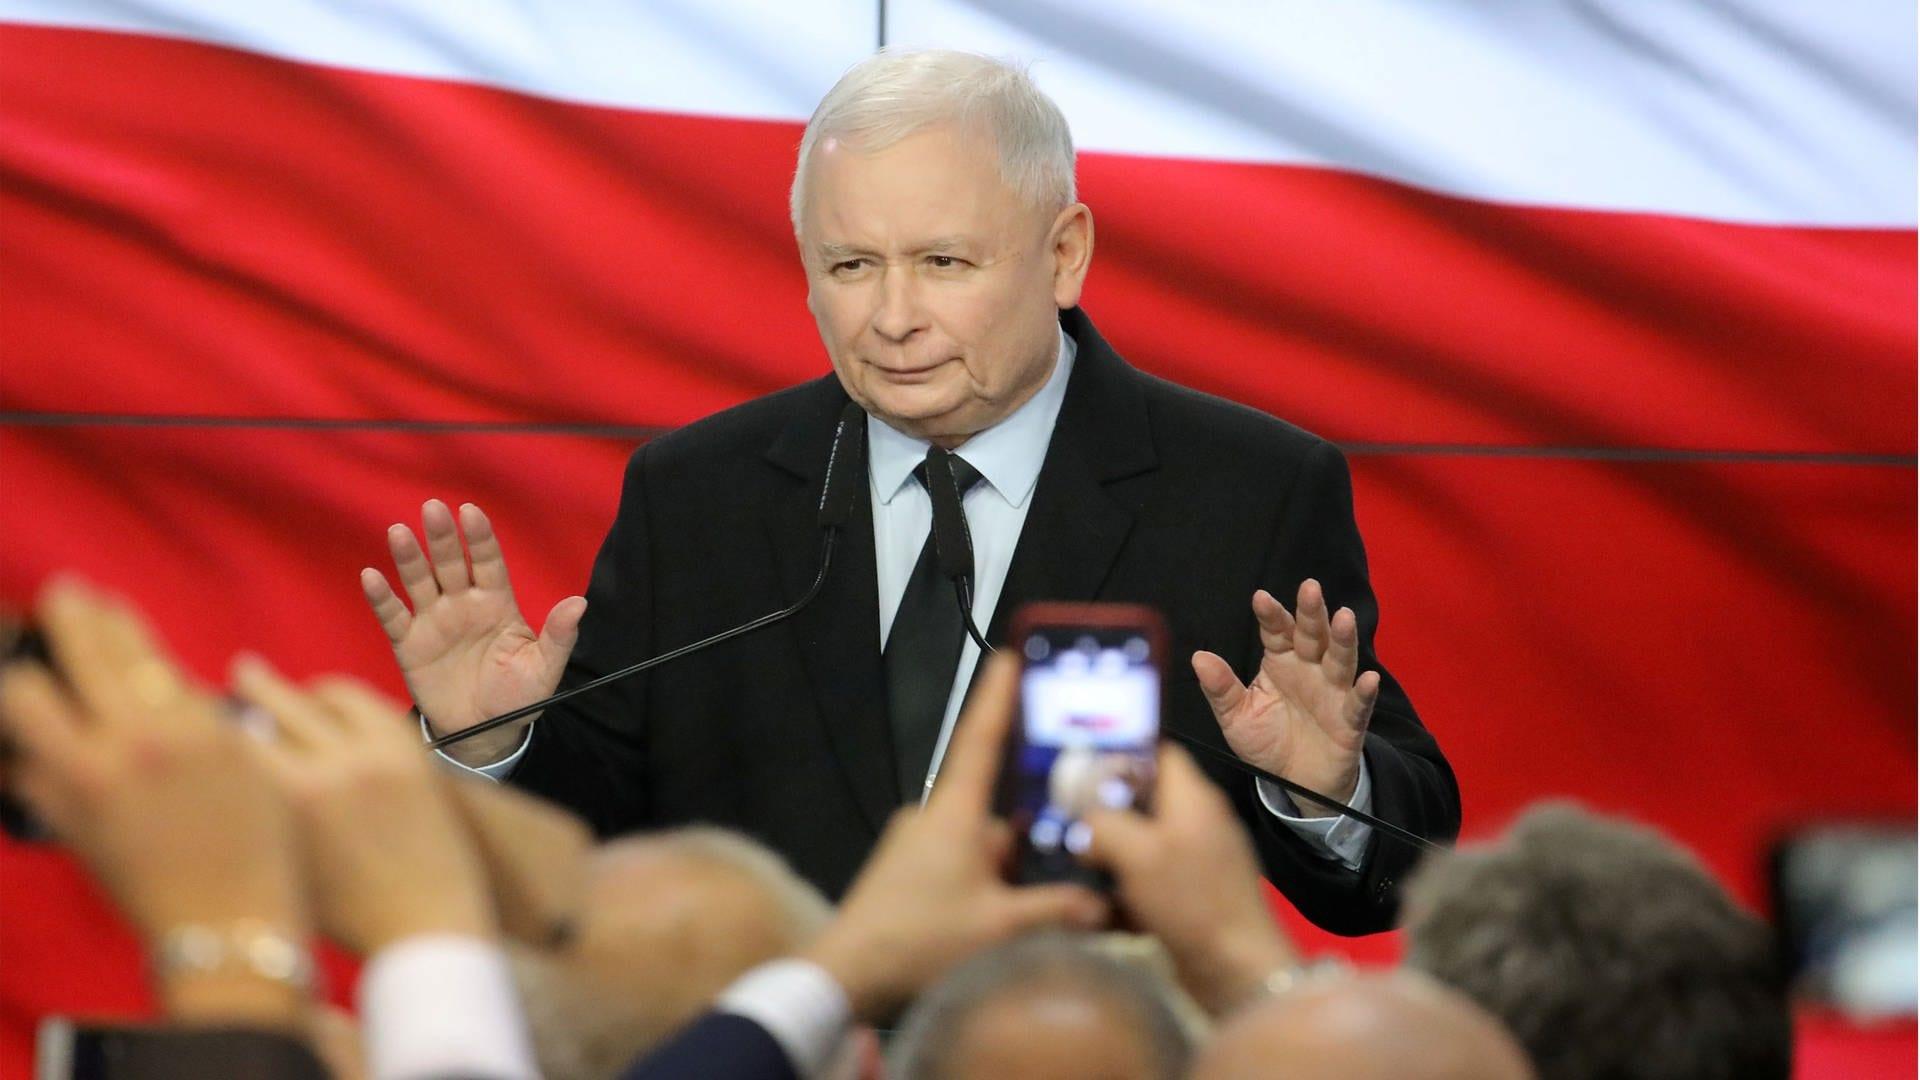 Im Club mit Autokraten - Kann Europa die Demokratie in Polen schützen?